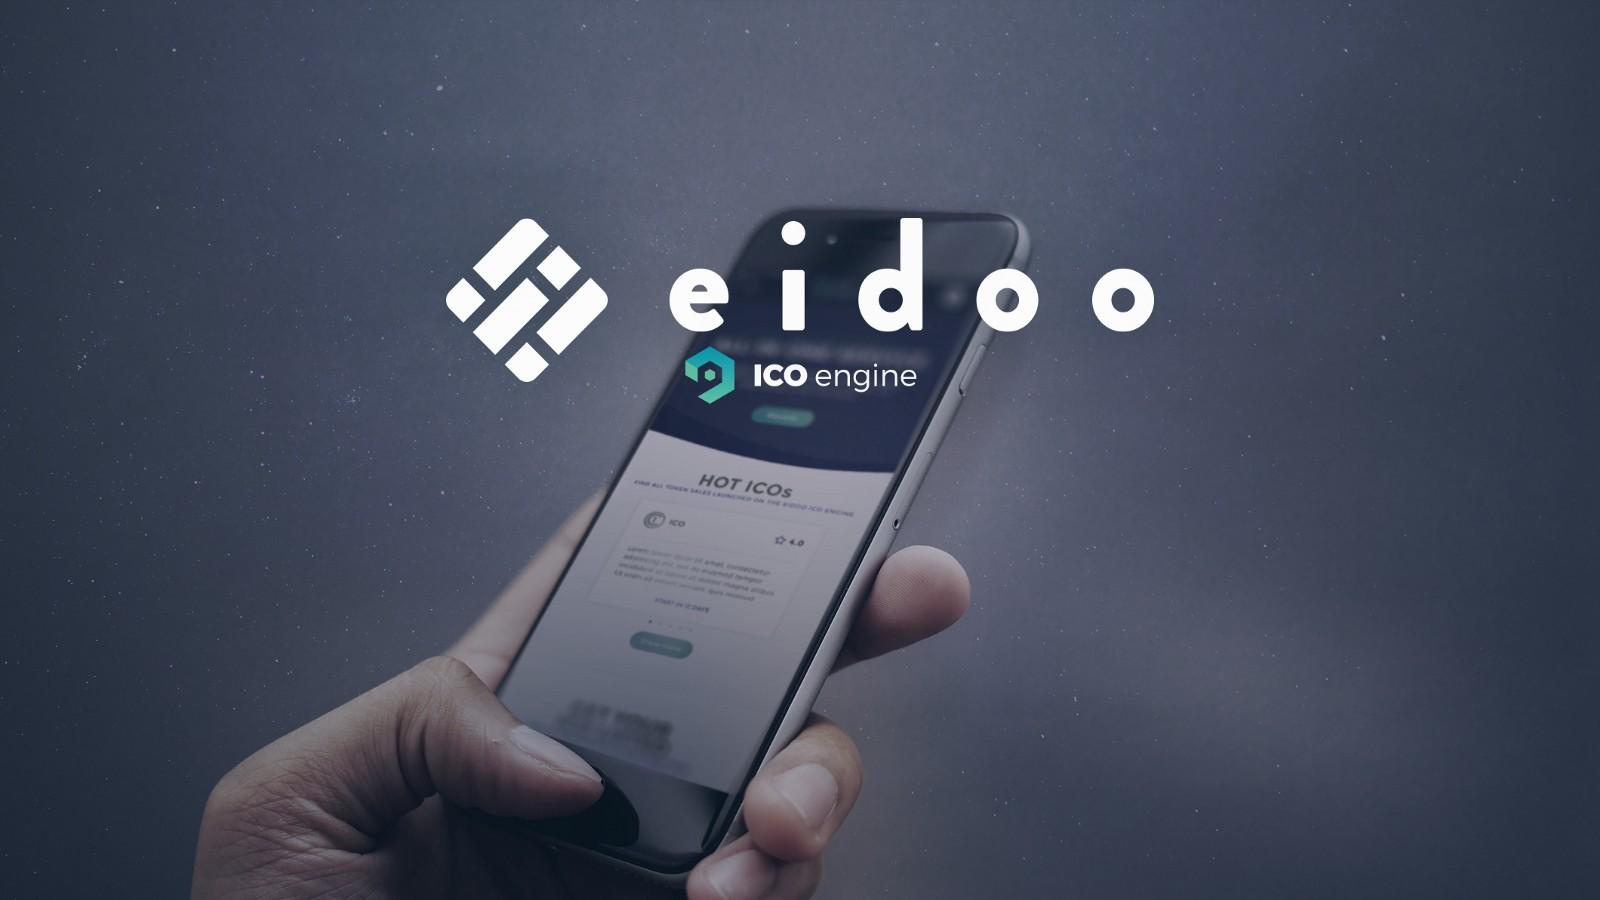 Come aderire alle ICO con Eidoo ICO Engine - Come aderire alle ICO con Eidoo ICO Engine e promuovere la propria vendita di token